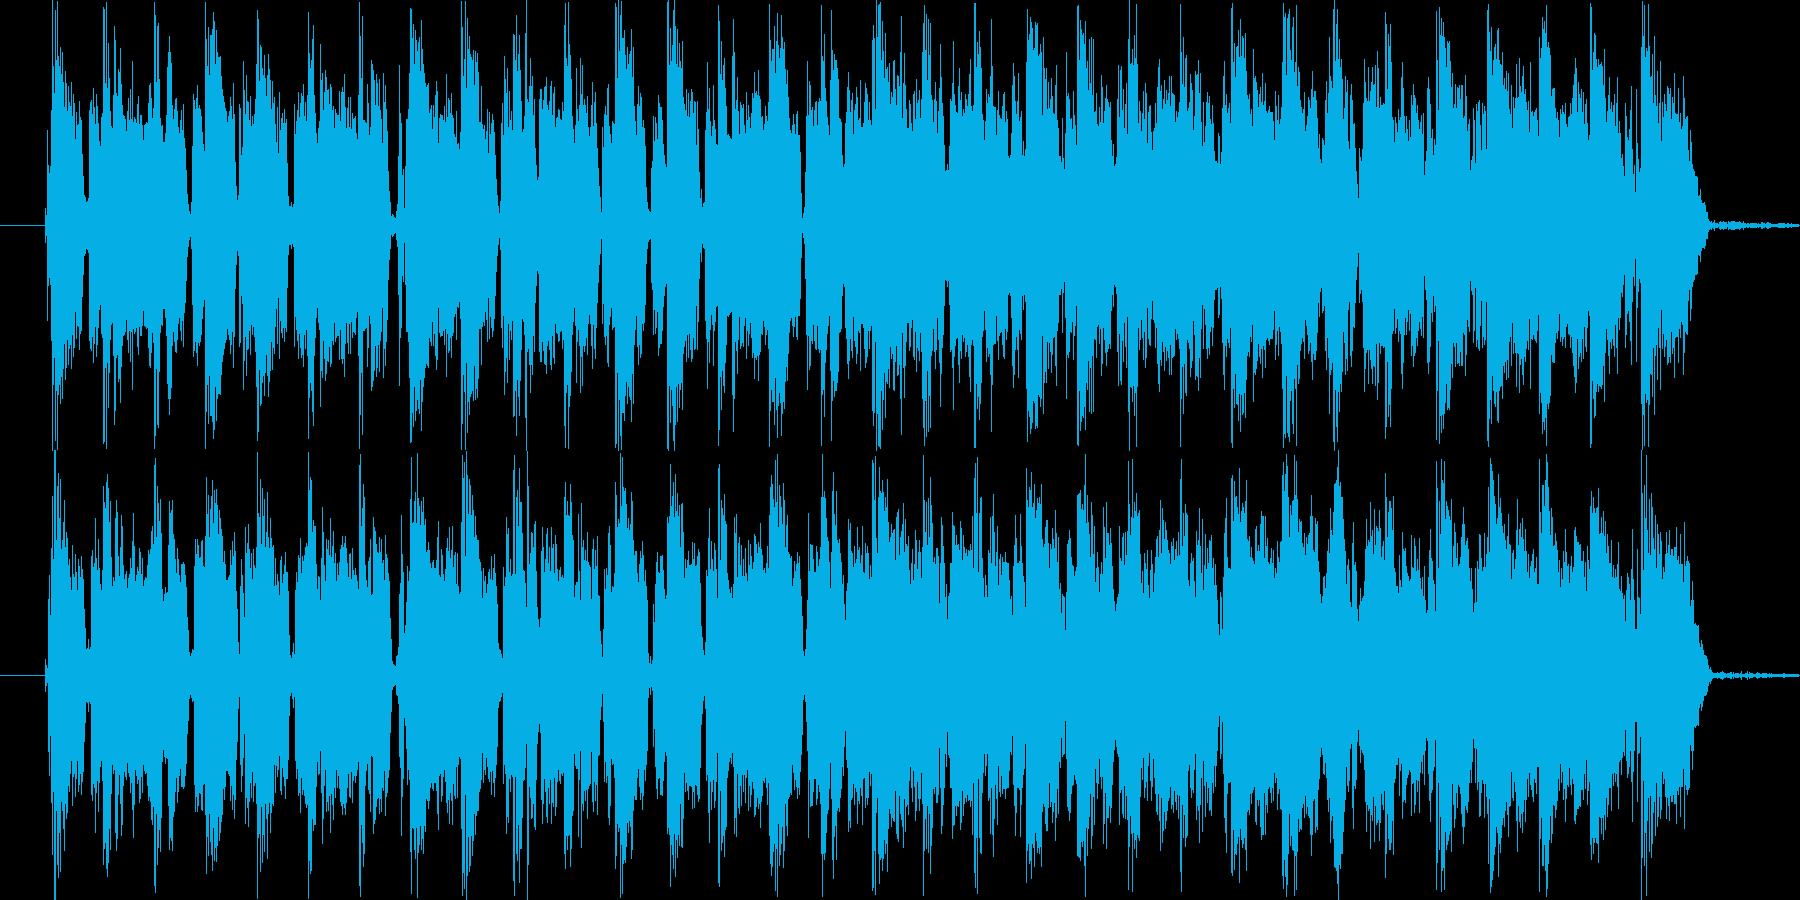 スポーツCMの再生済みの波形